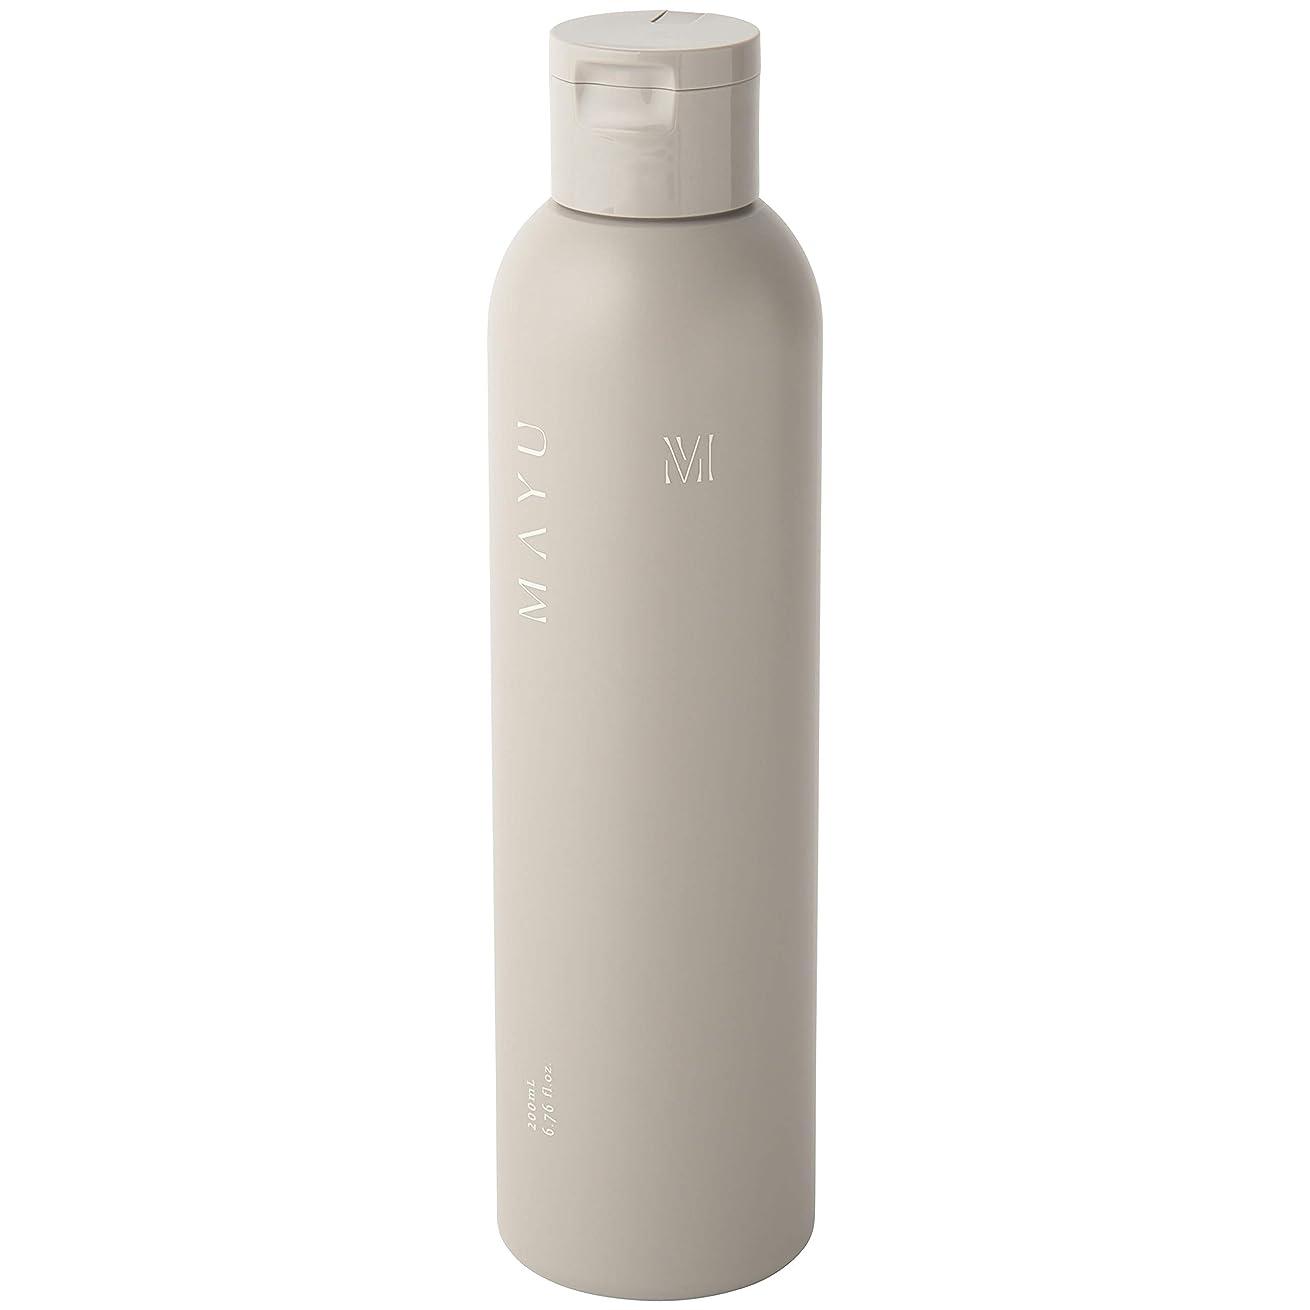 パントリー貫入会話【365Plus】 MAYU さくらの香りシャンプー (200ml) 1本入り